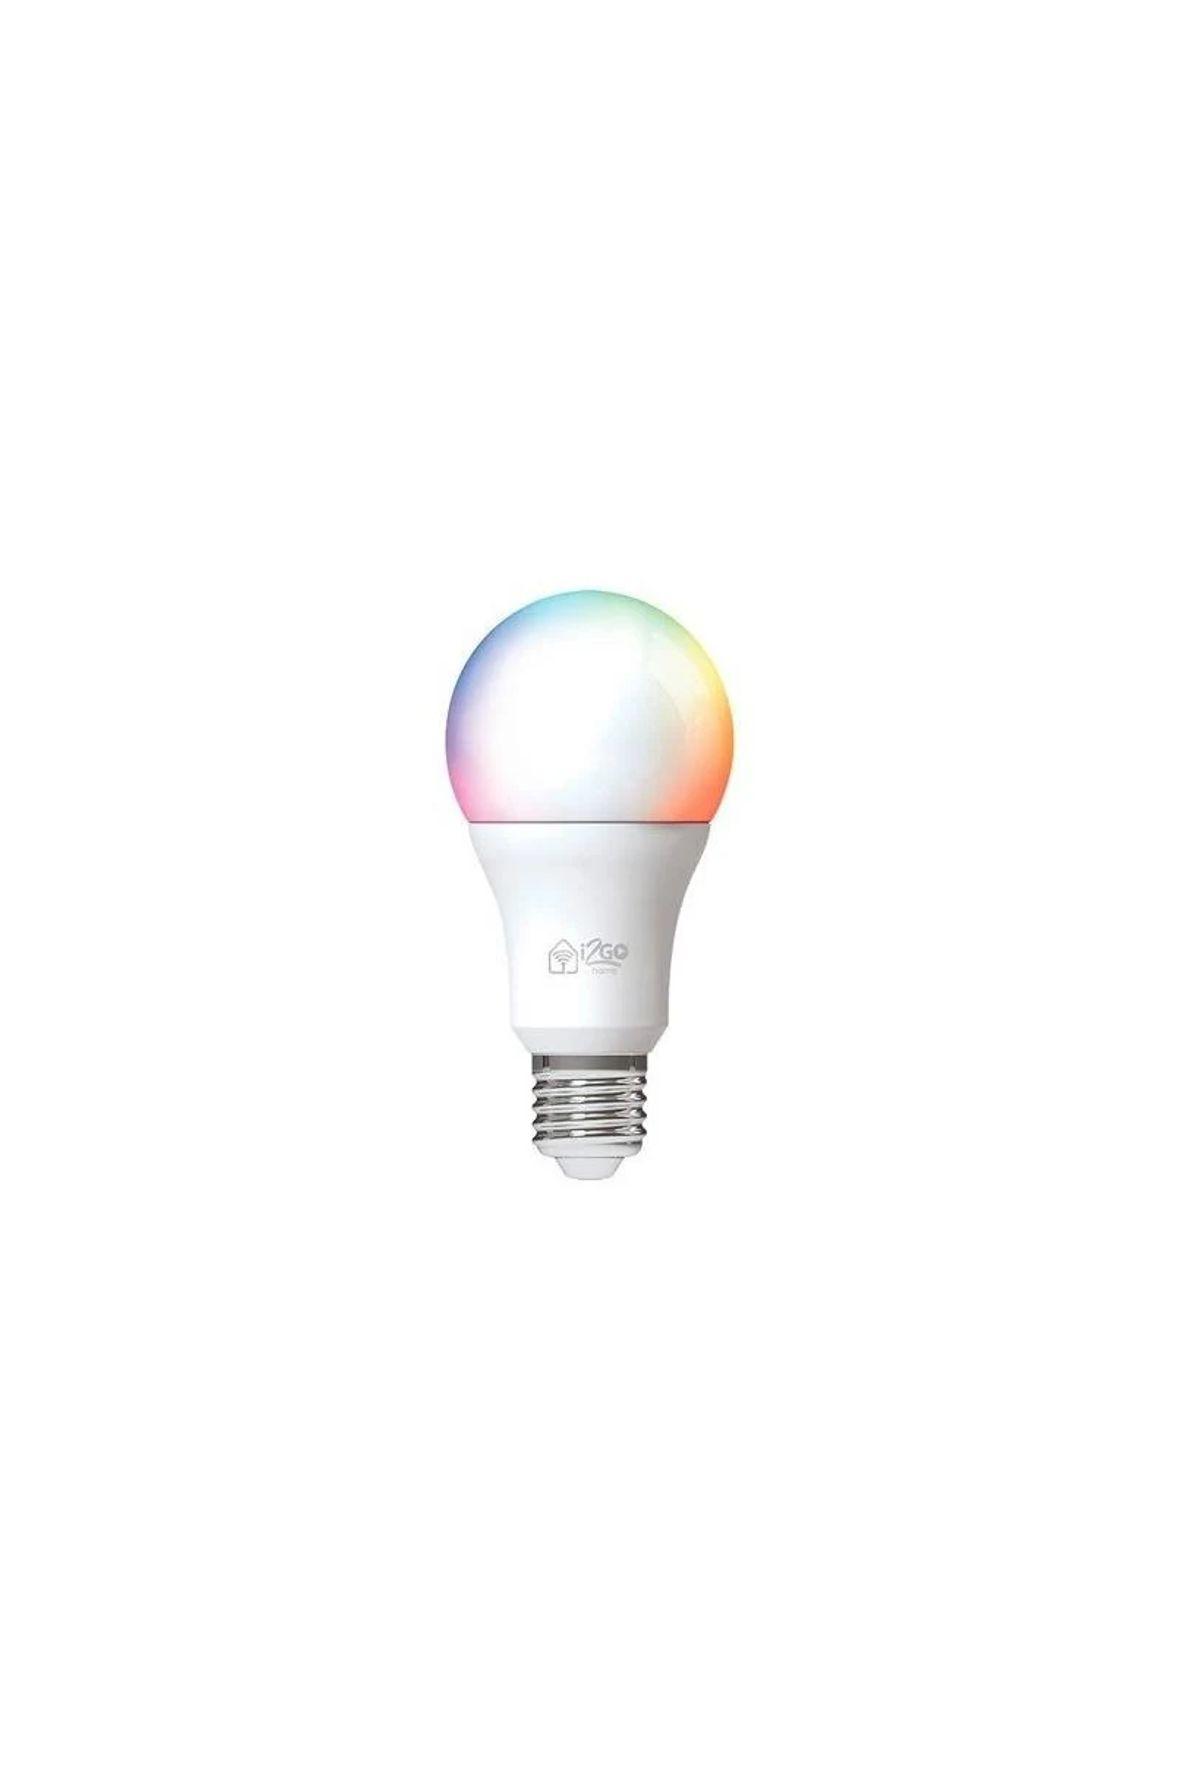 LAMPADA INTELIGENTE  10WLAMPADA INTELIGENTE  10W